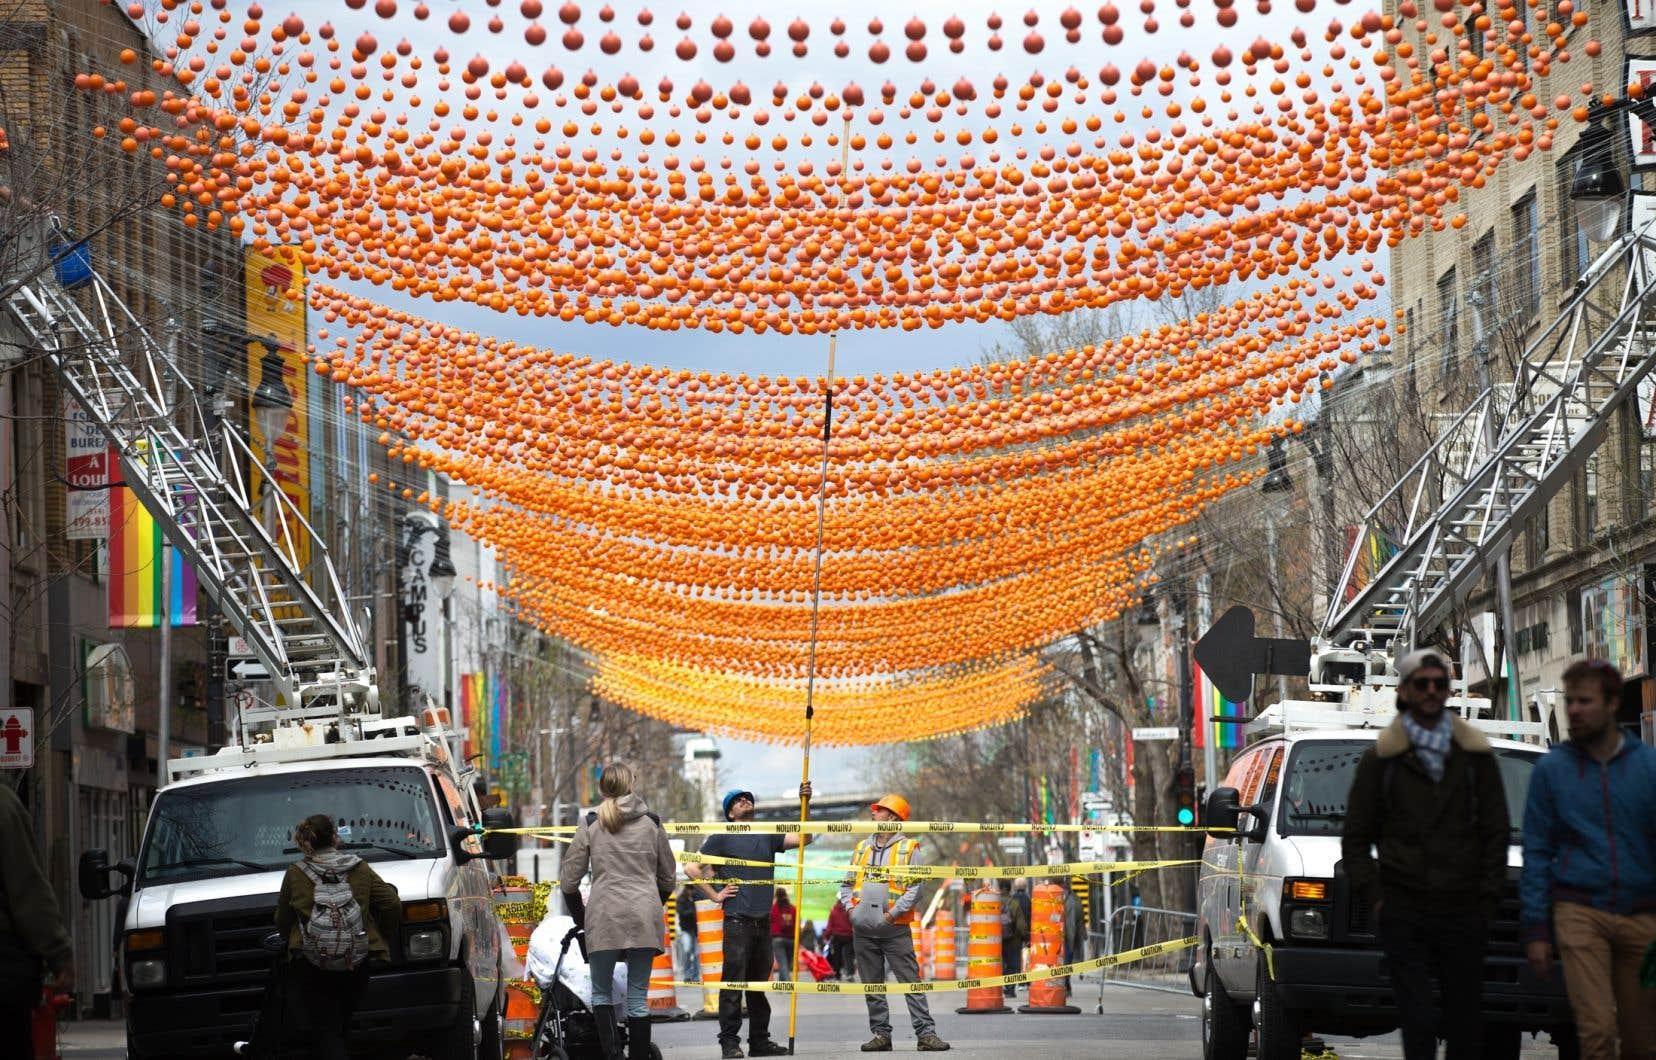 La semaine dernière, l'architecte Claude Cormier avait annoncé qu'après huit ans, les boules qui surplombent la rue Sainte-Catherine Est disparaîtraient afin de faire place à la relève.